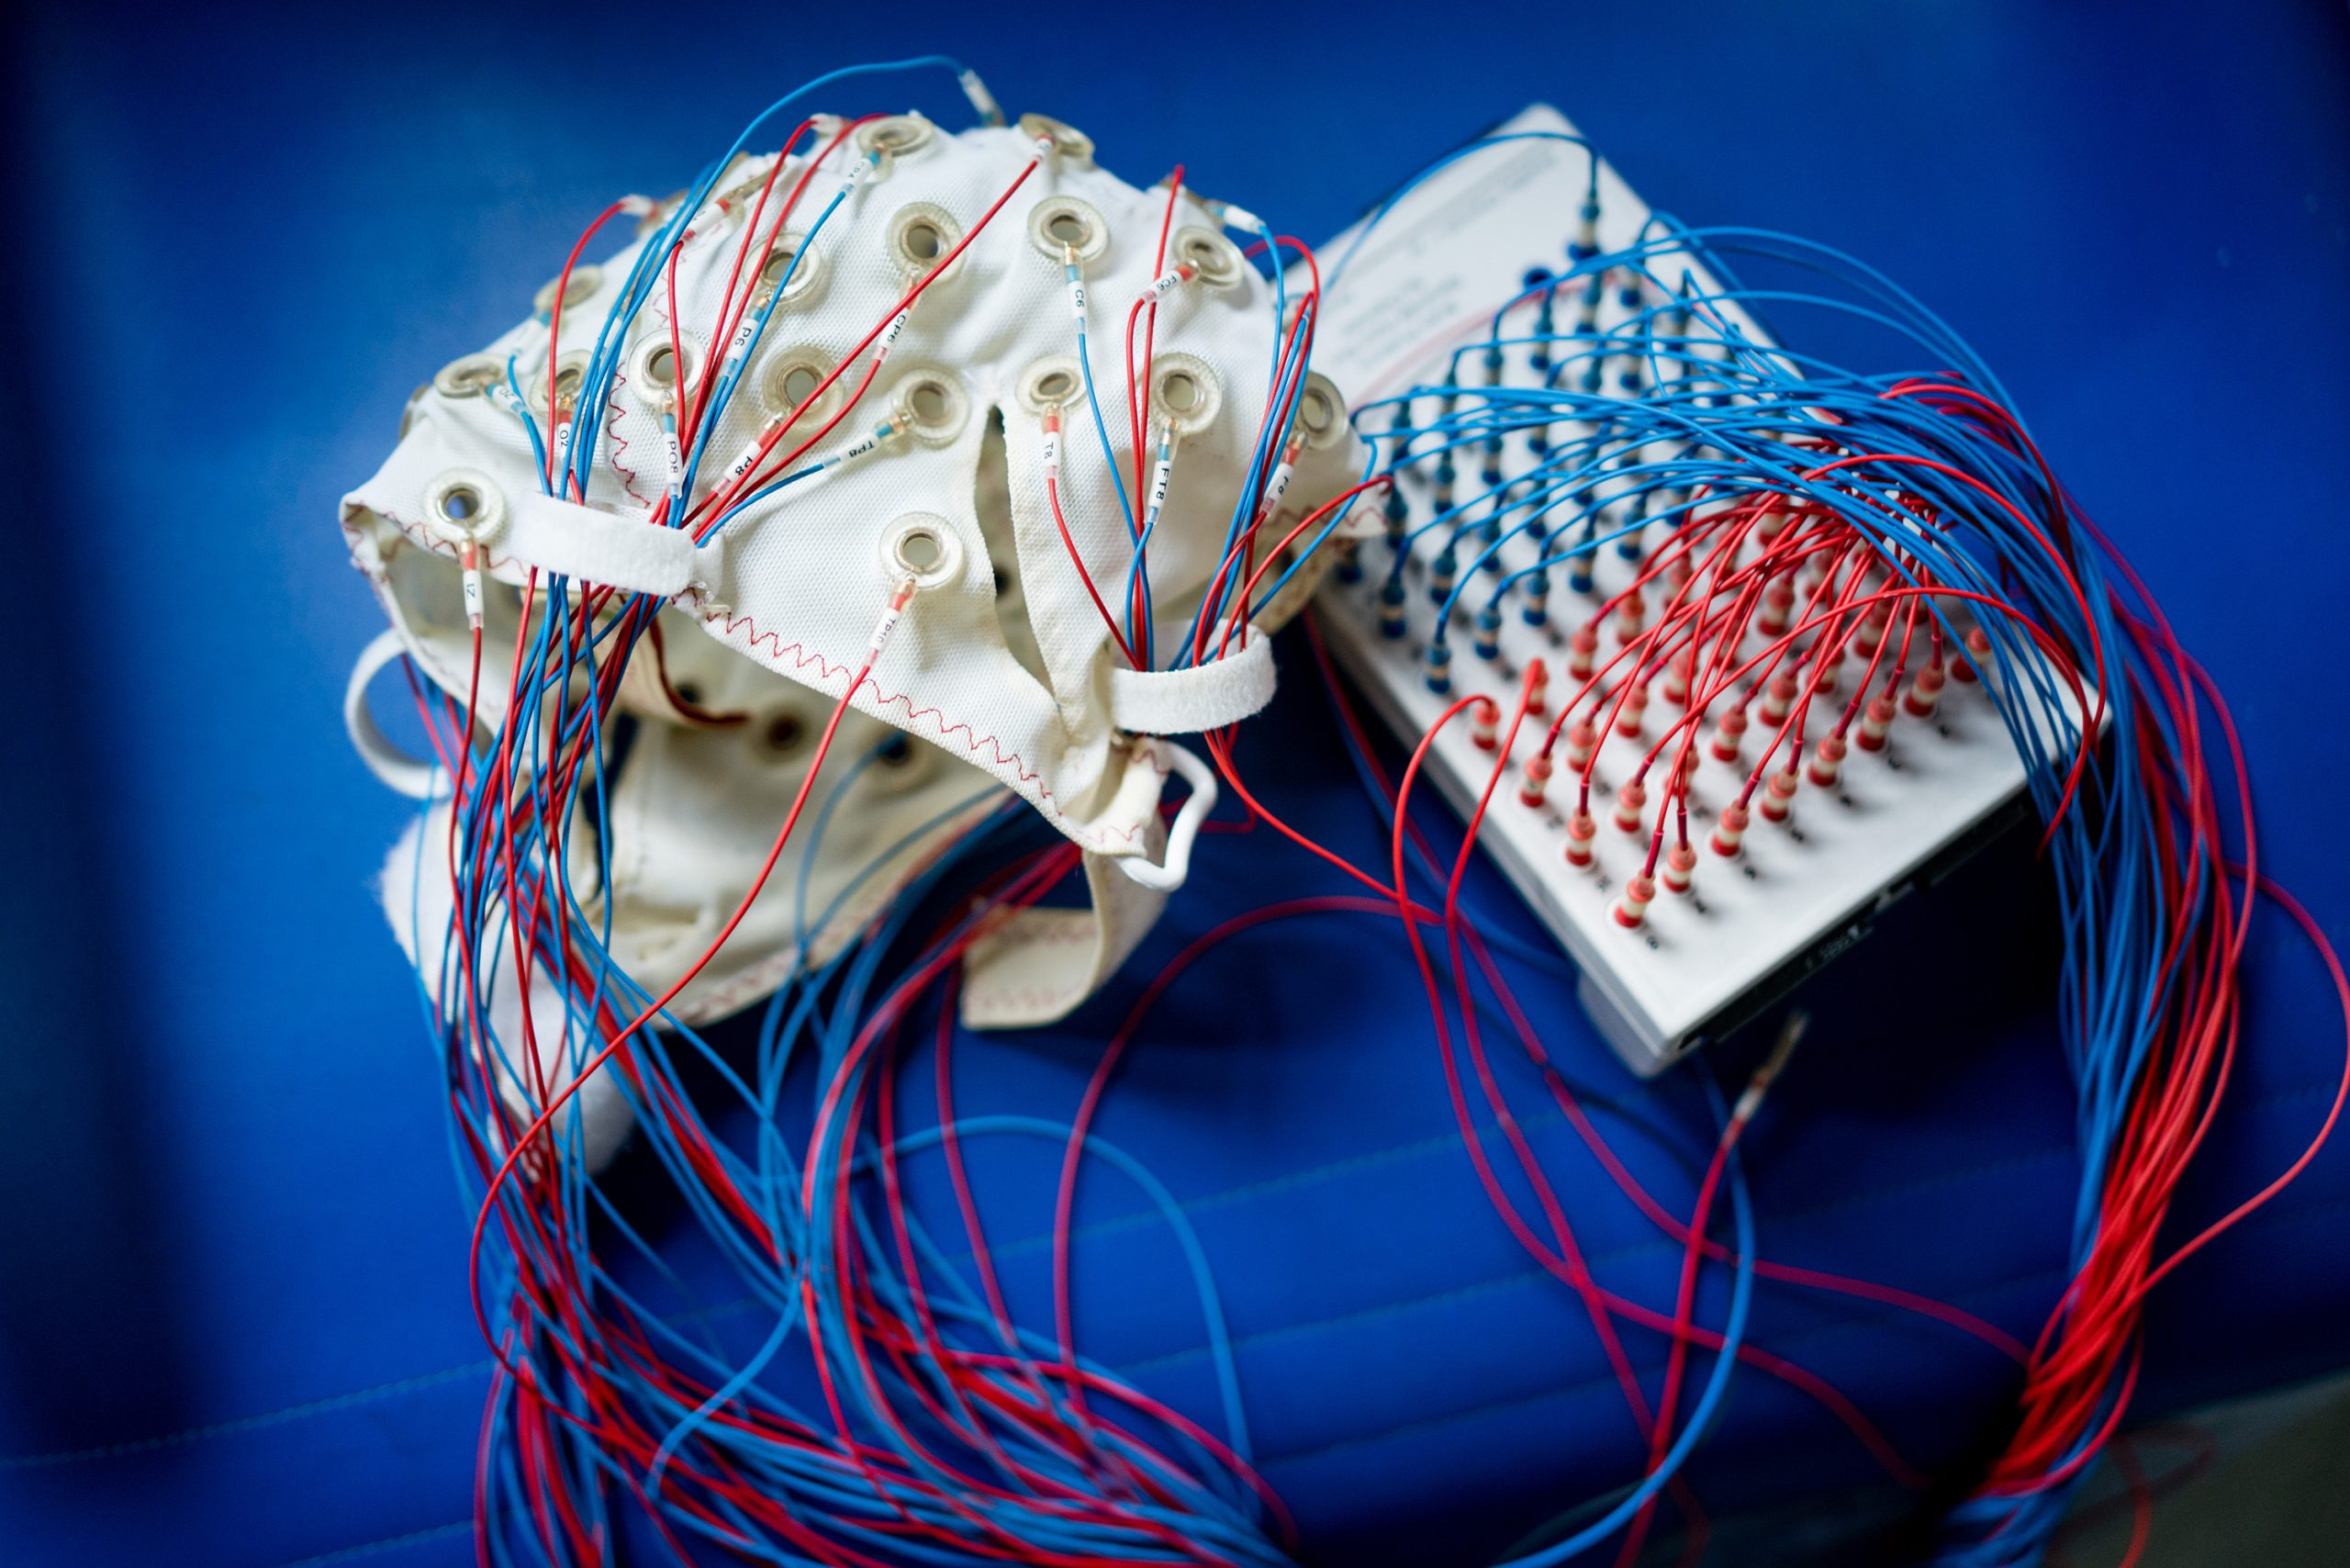 無反応患者に意識はあるか? イタリア人科学者が作った 最も正確な「意識計測機」